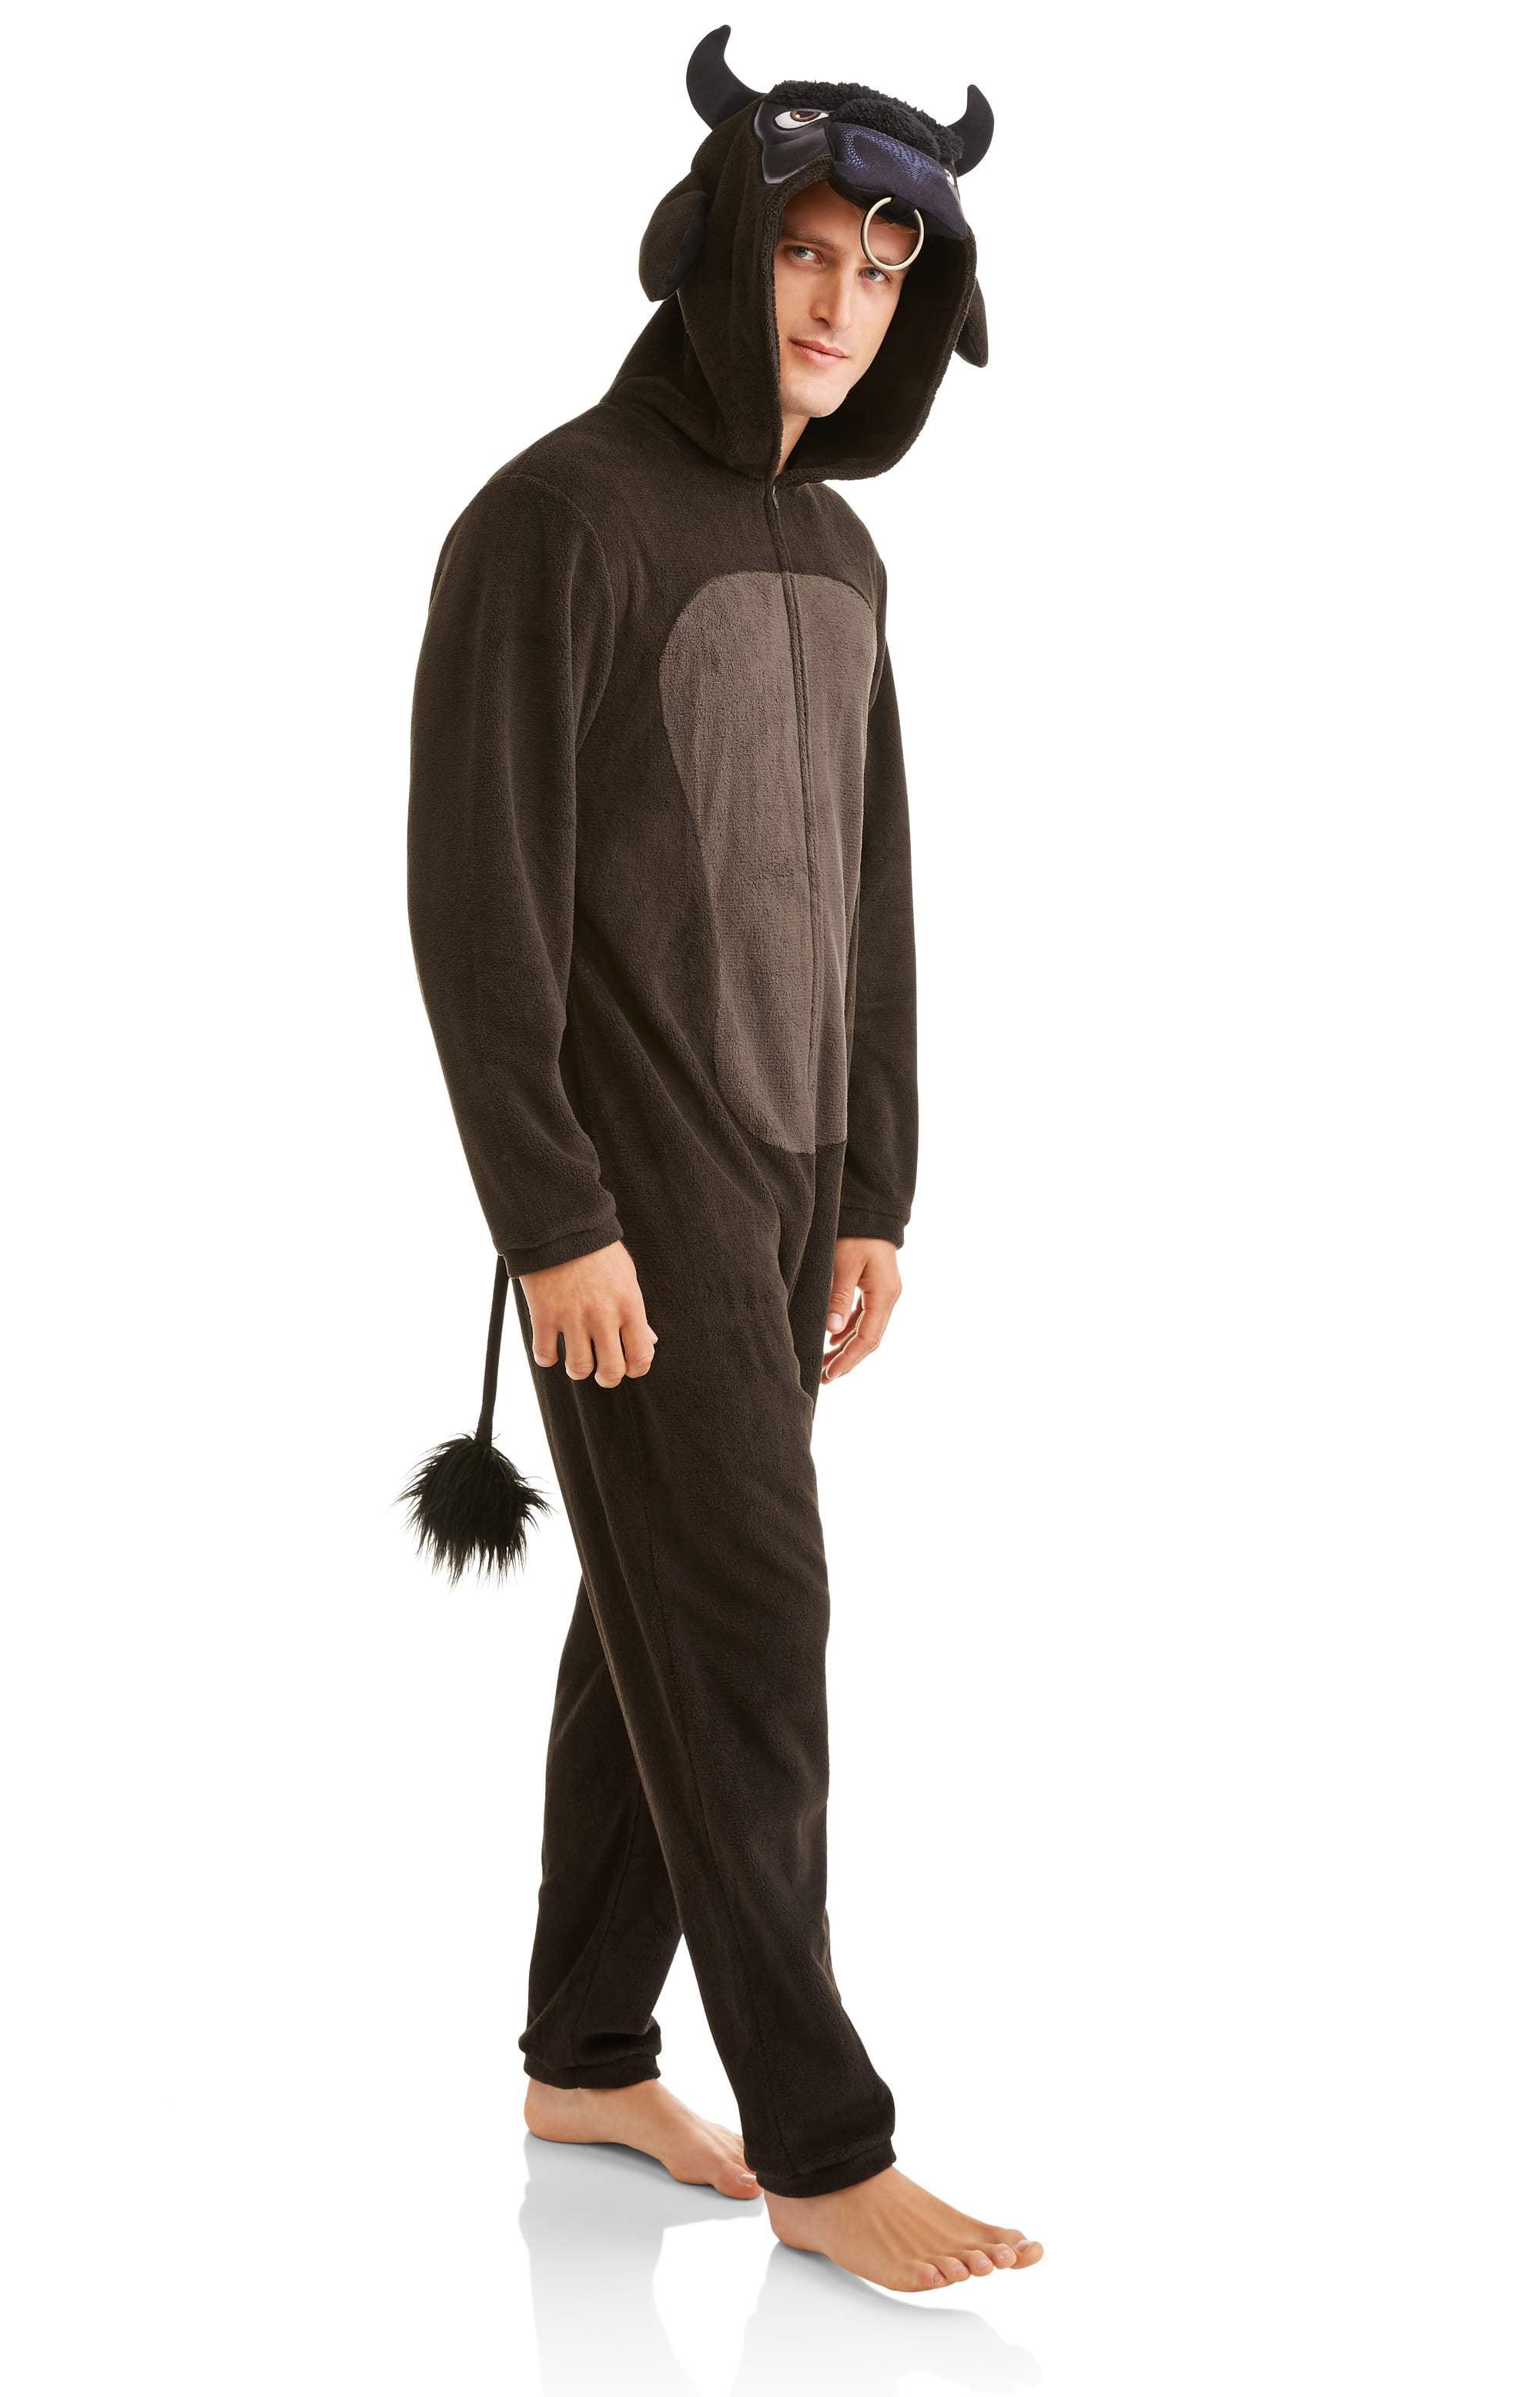 Onesie - Bull Men s Onesie Union Suit - Walmart.com 4240ad535264